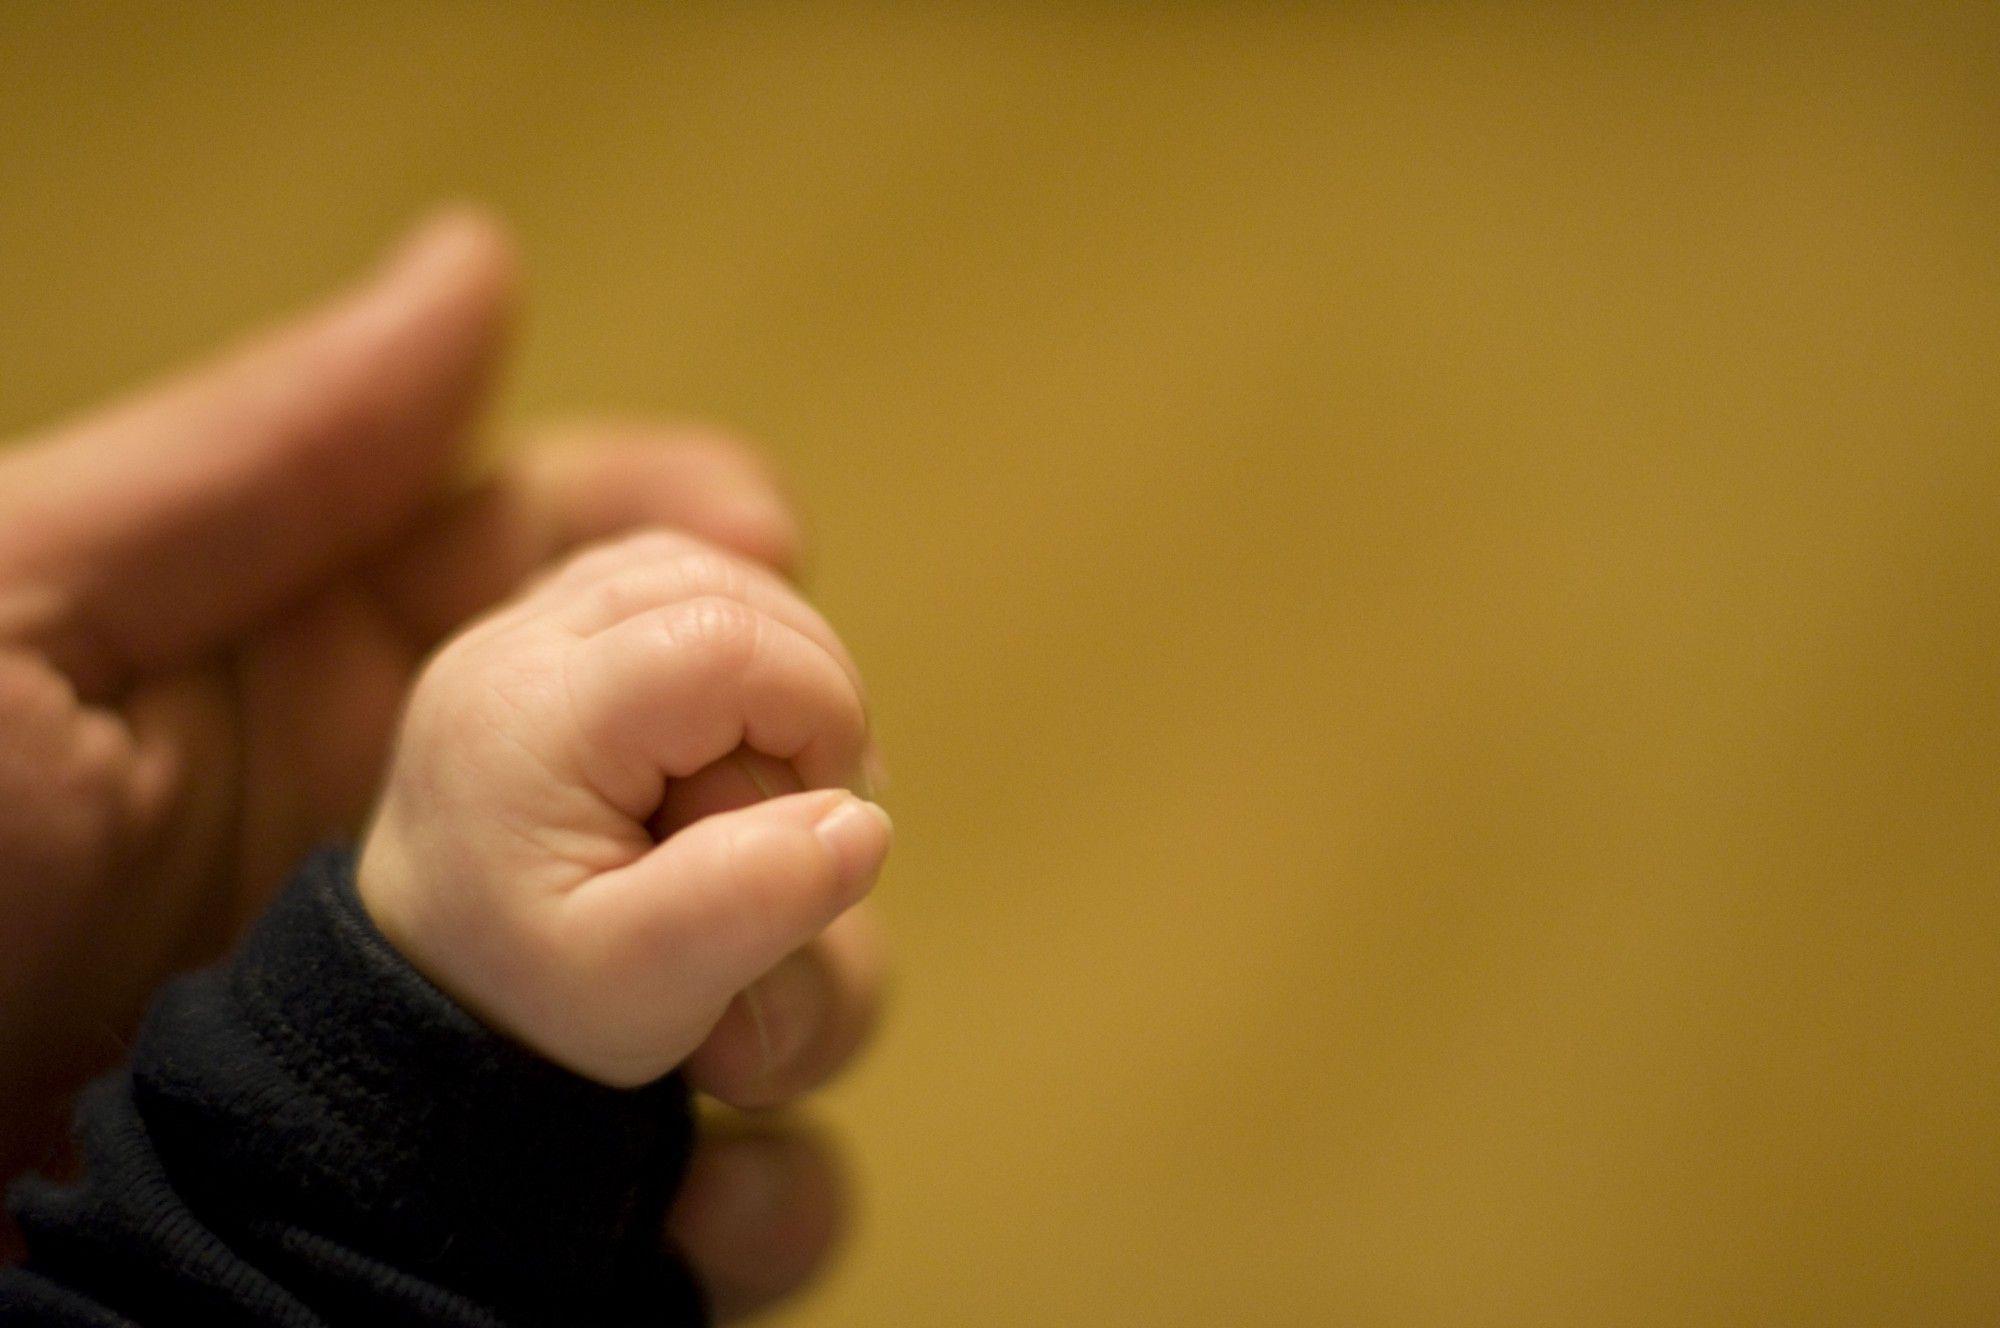 У пожилых отцов чаще рождаются дети с дефектами развития